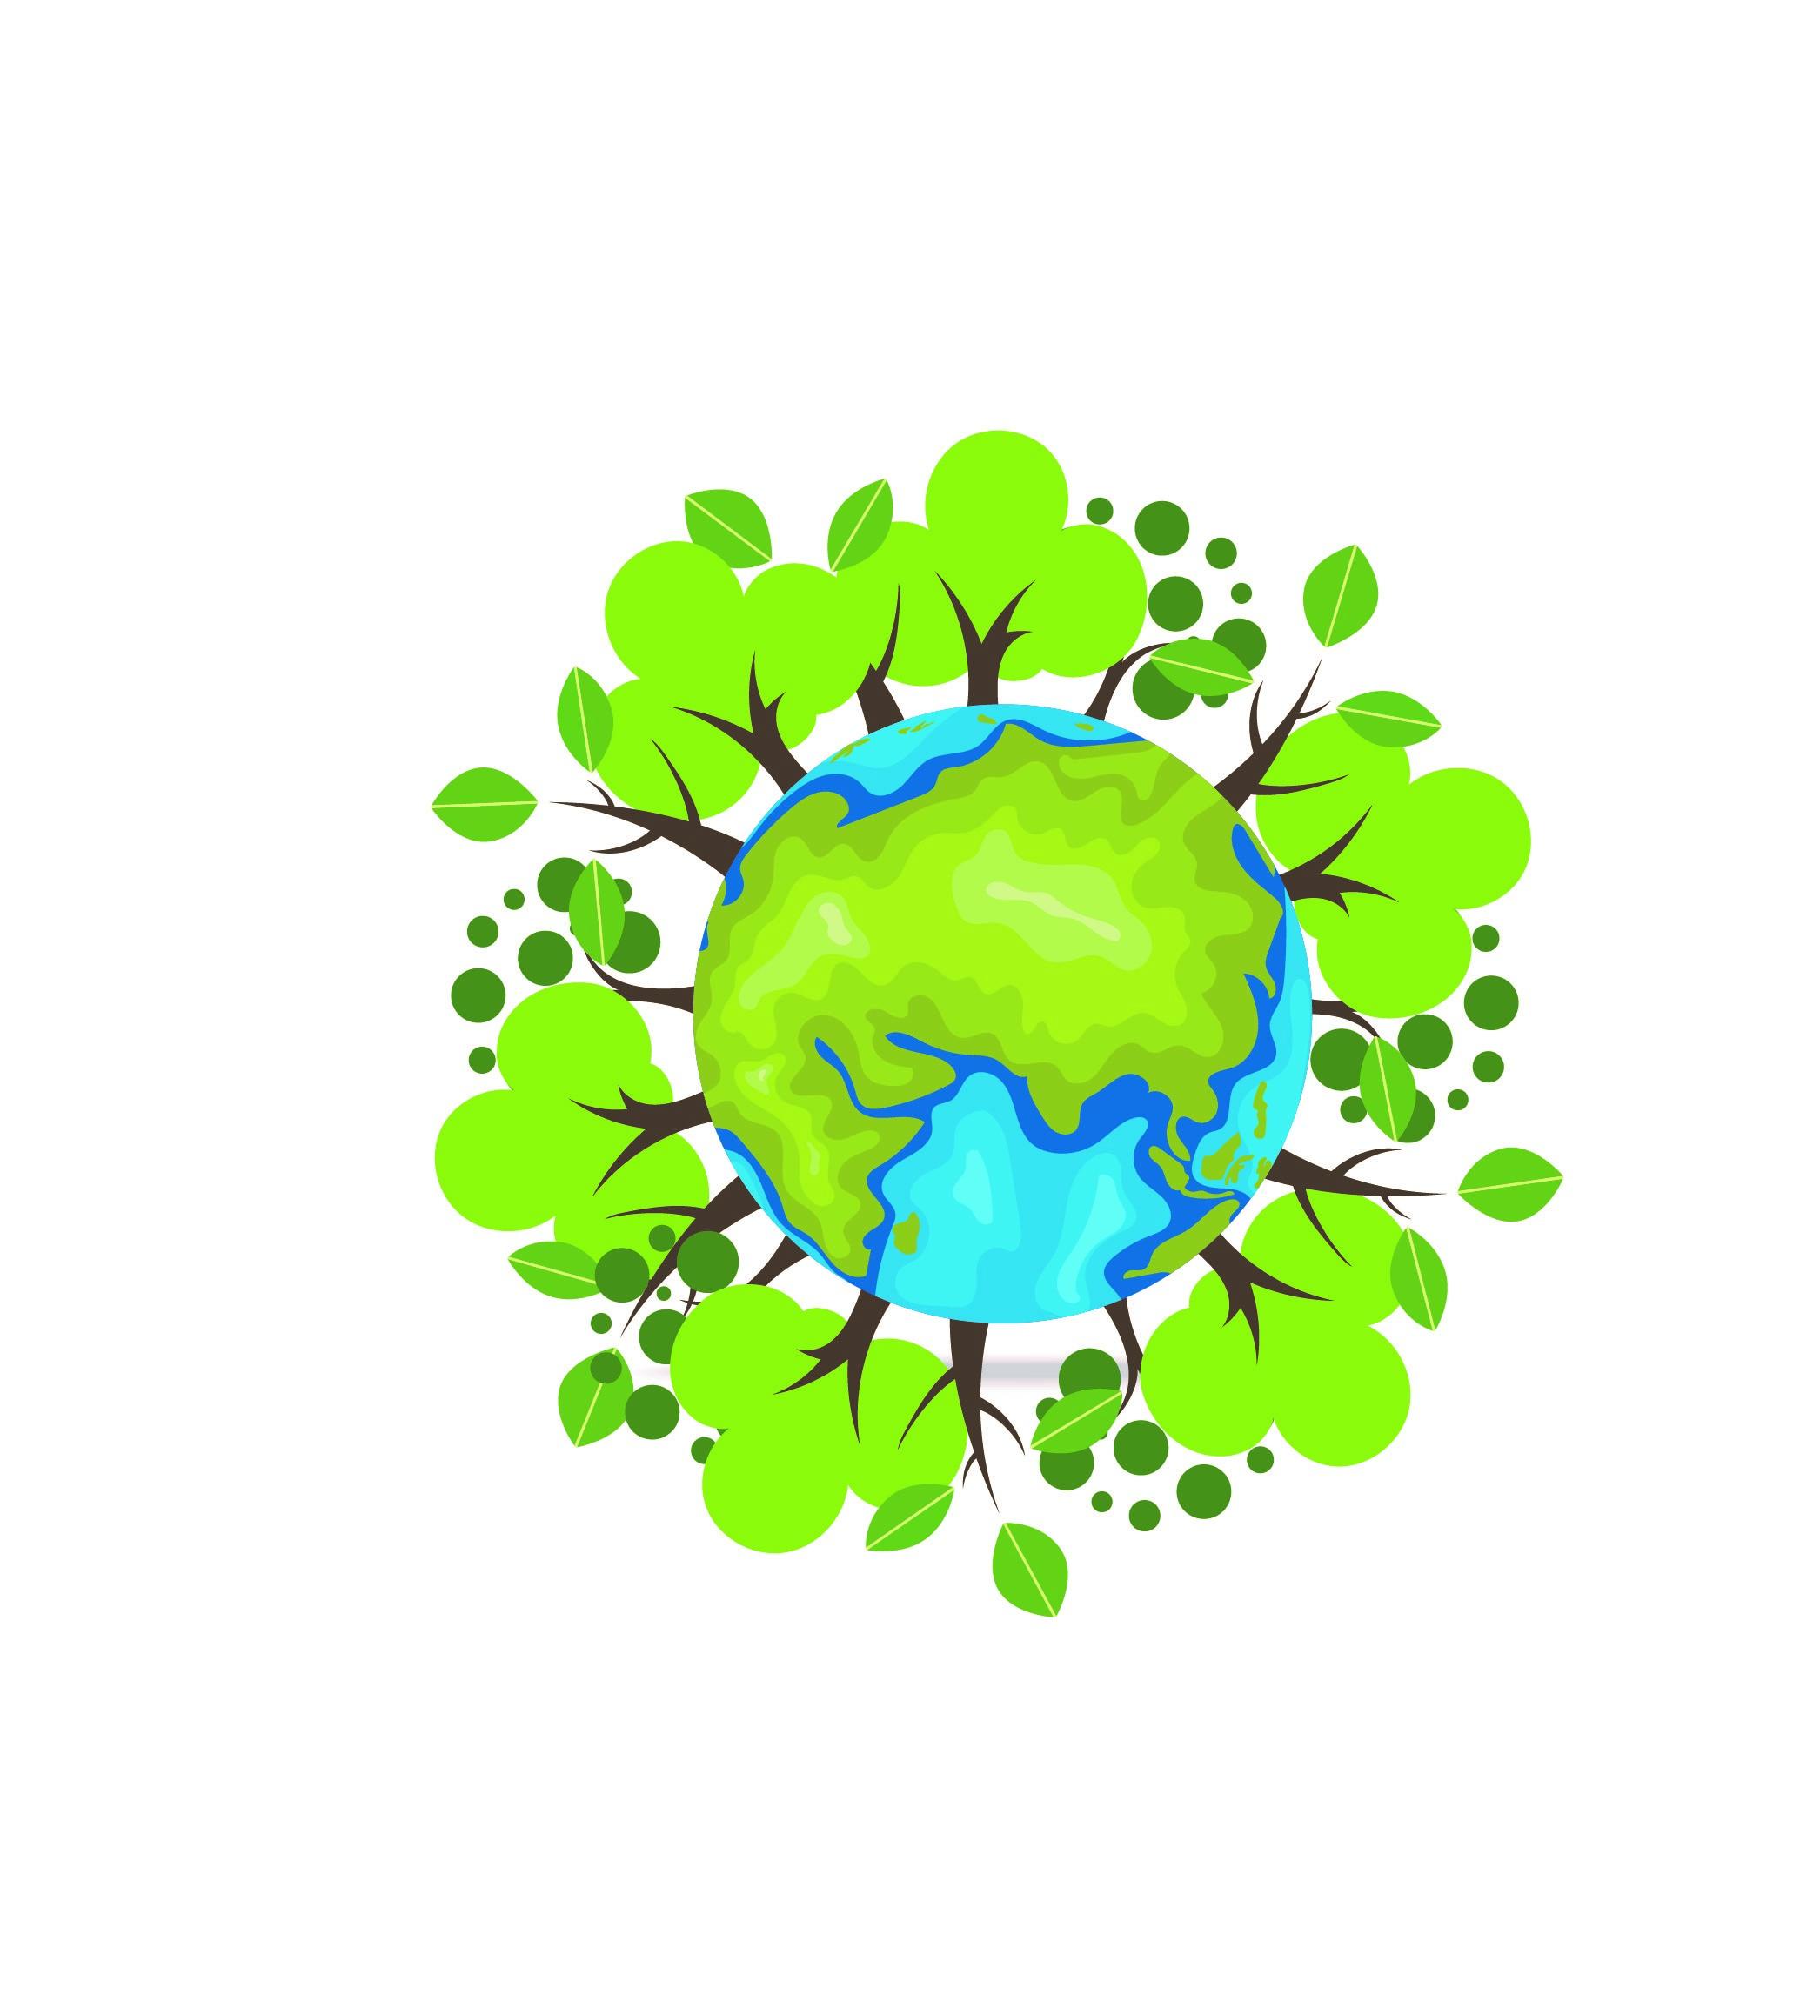 14 вересня у Києві відбудеться Міжнародний екологічний форум